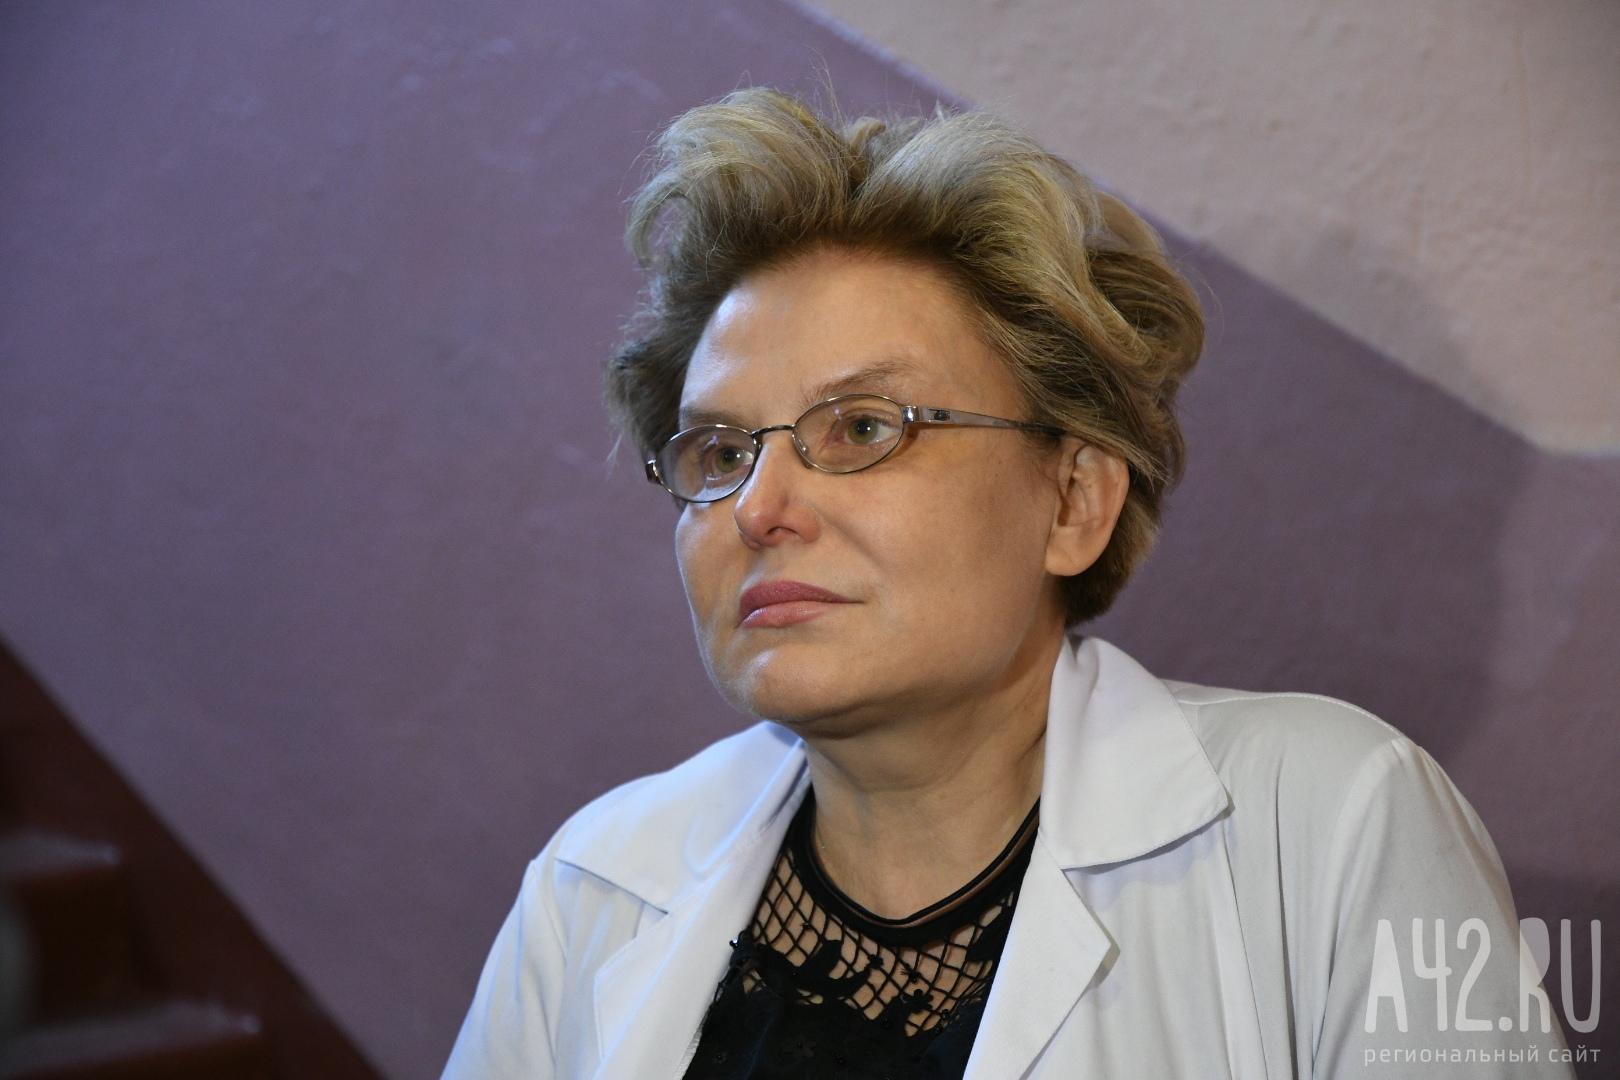 Госпитализированная Елена Малышева считает людей безобразными: Малышева, доставлена вбольницу